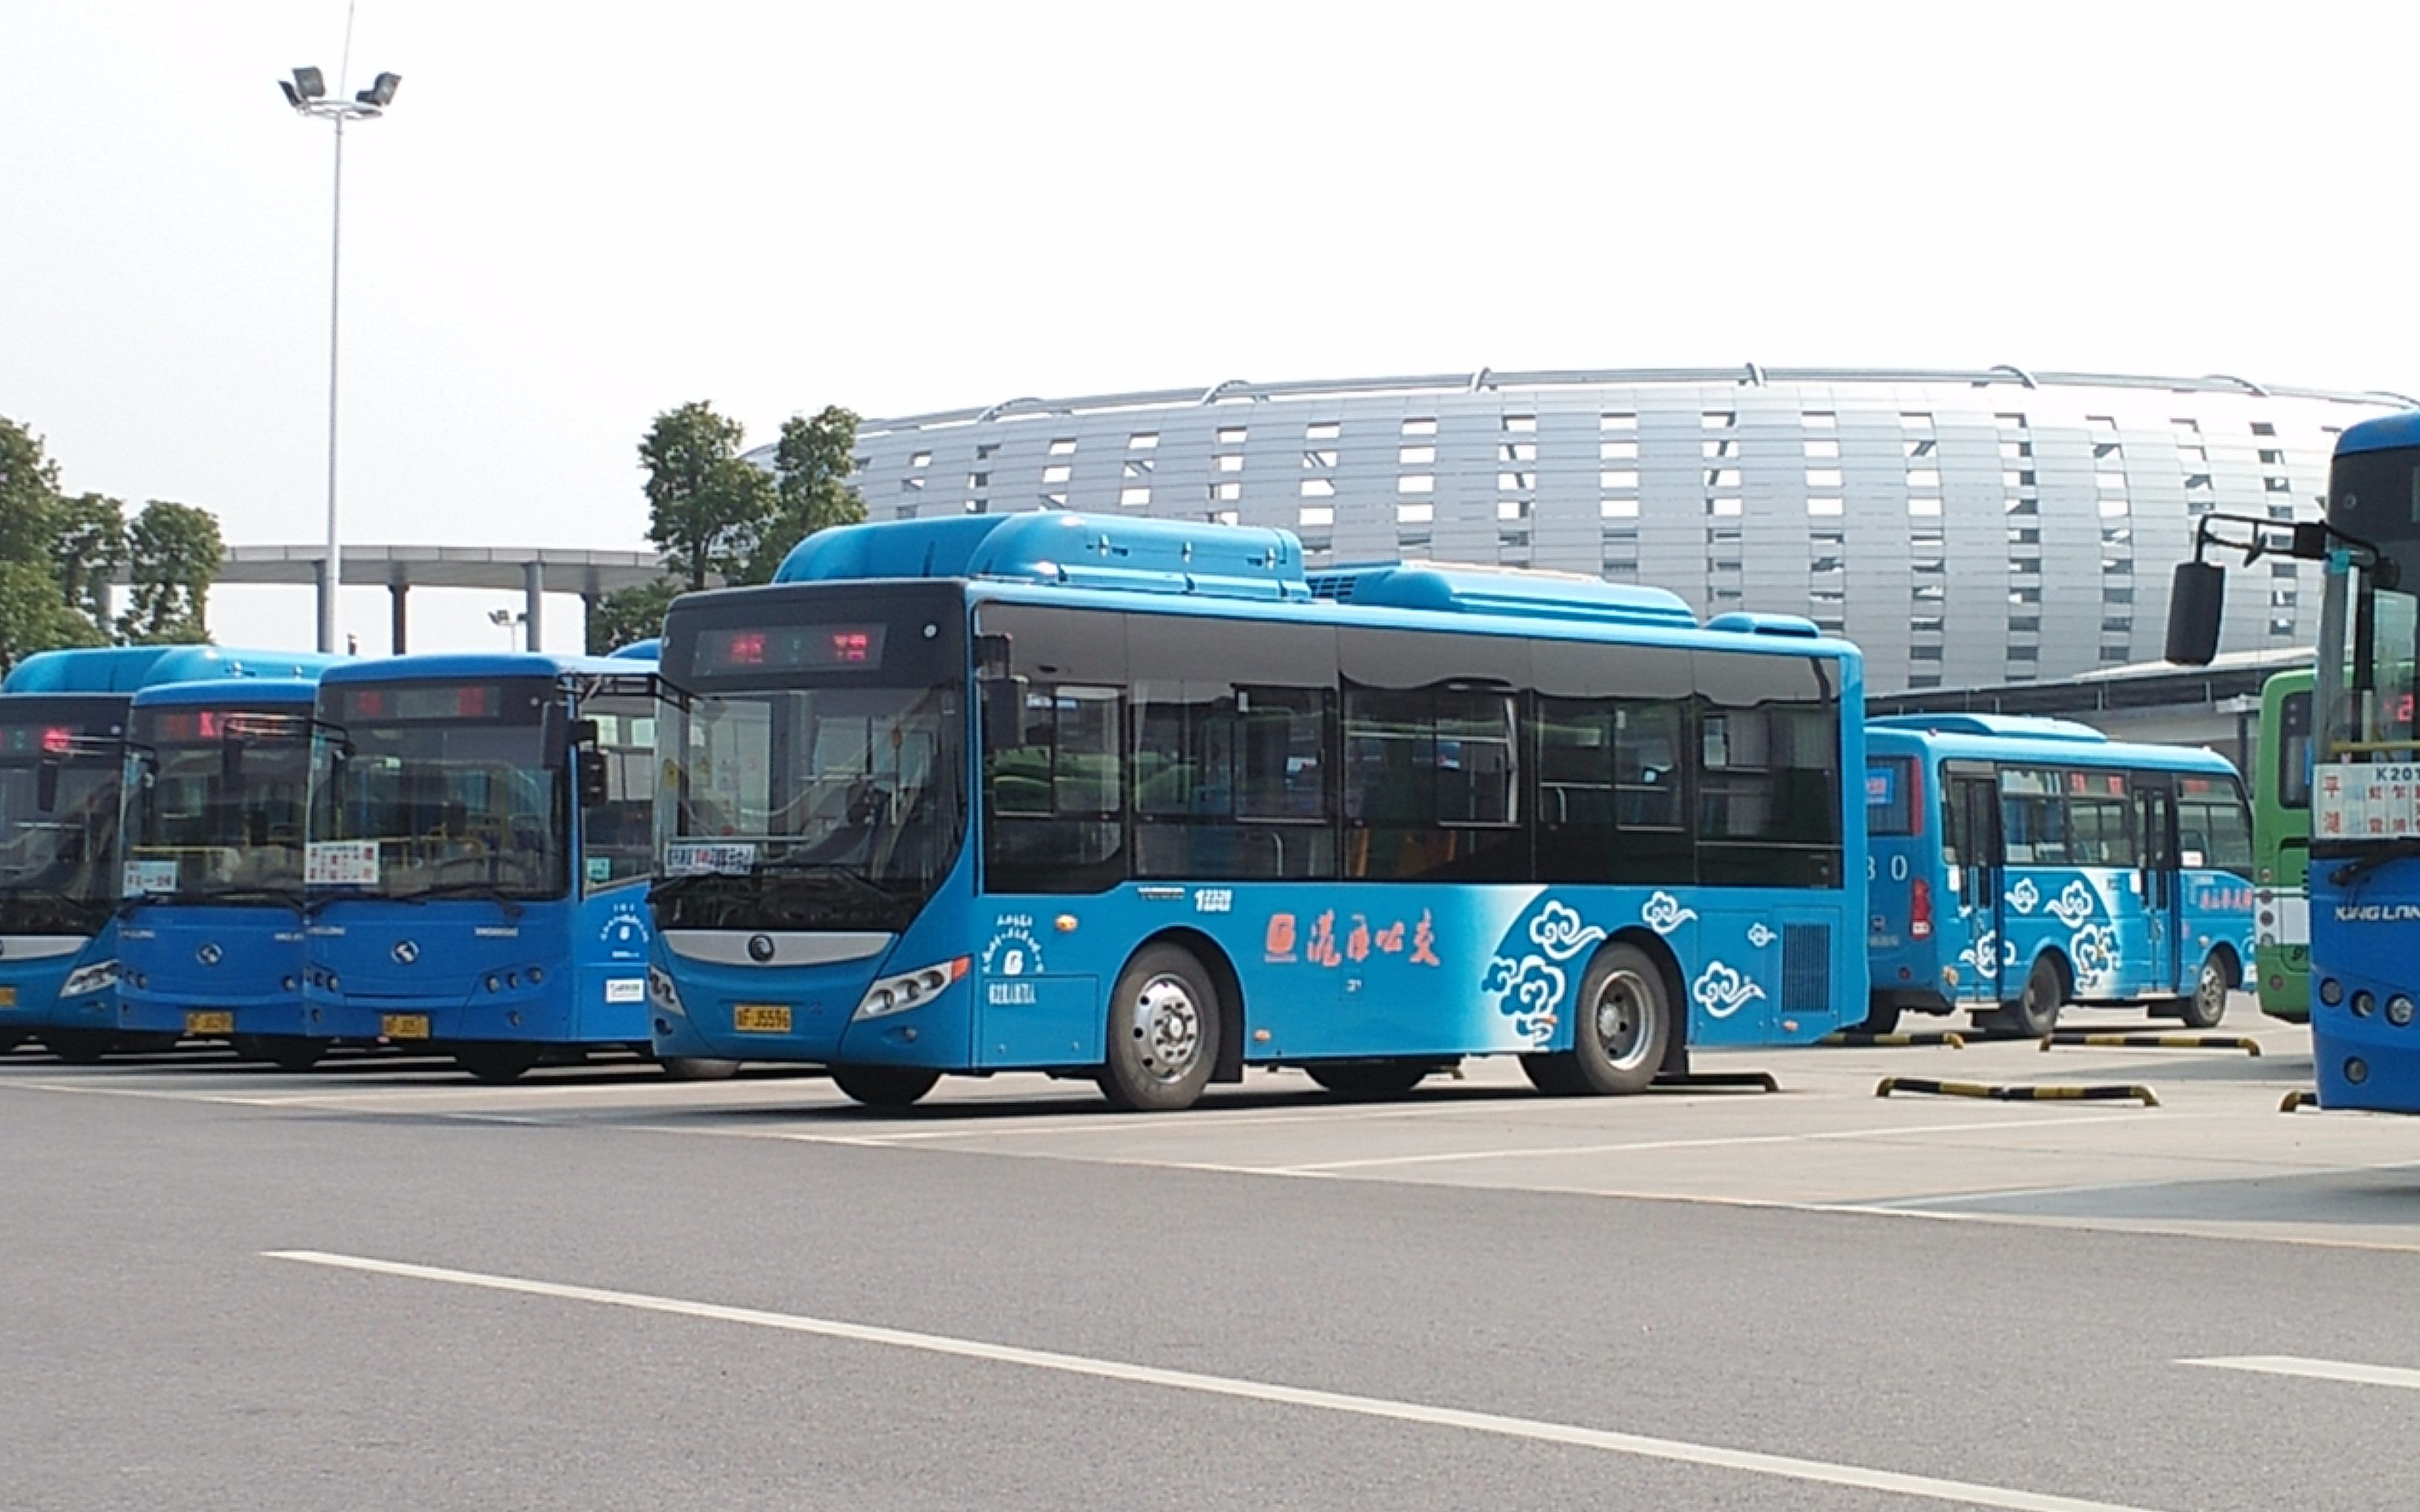 石狮市狮标_泉州市公交车802 2014年-泉州802路公交车要在哪里坐?